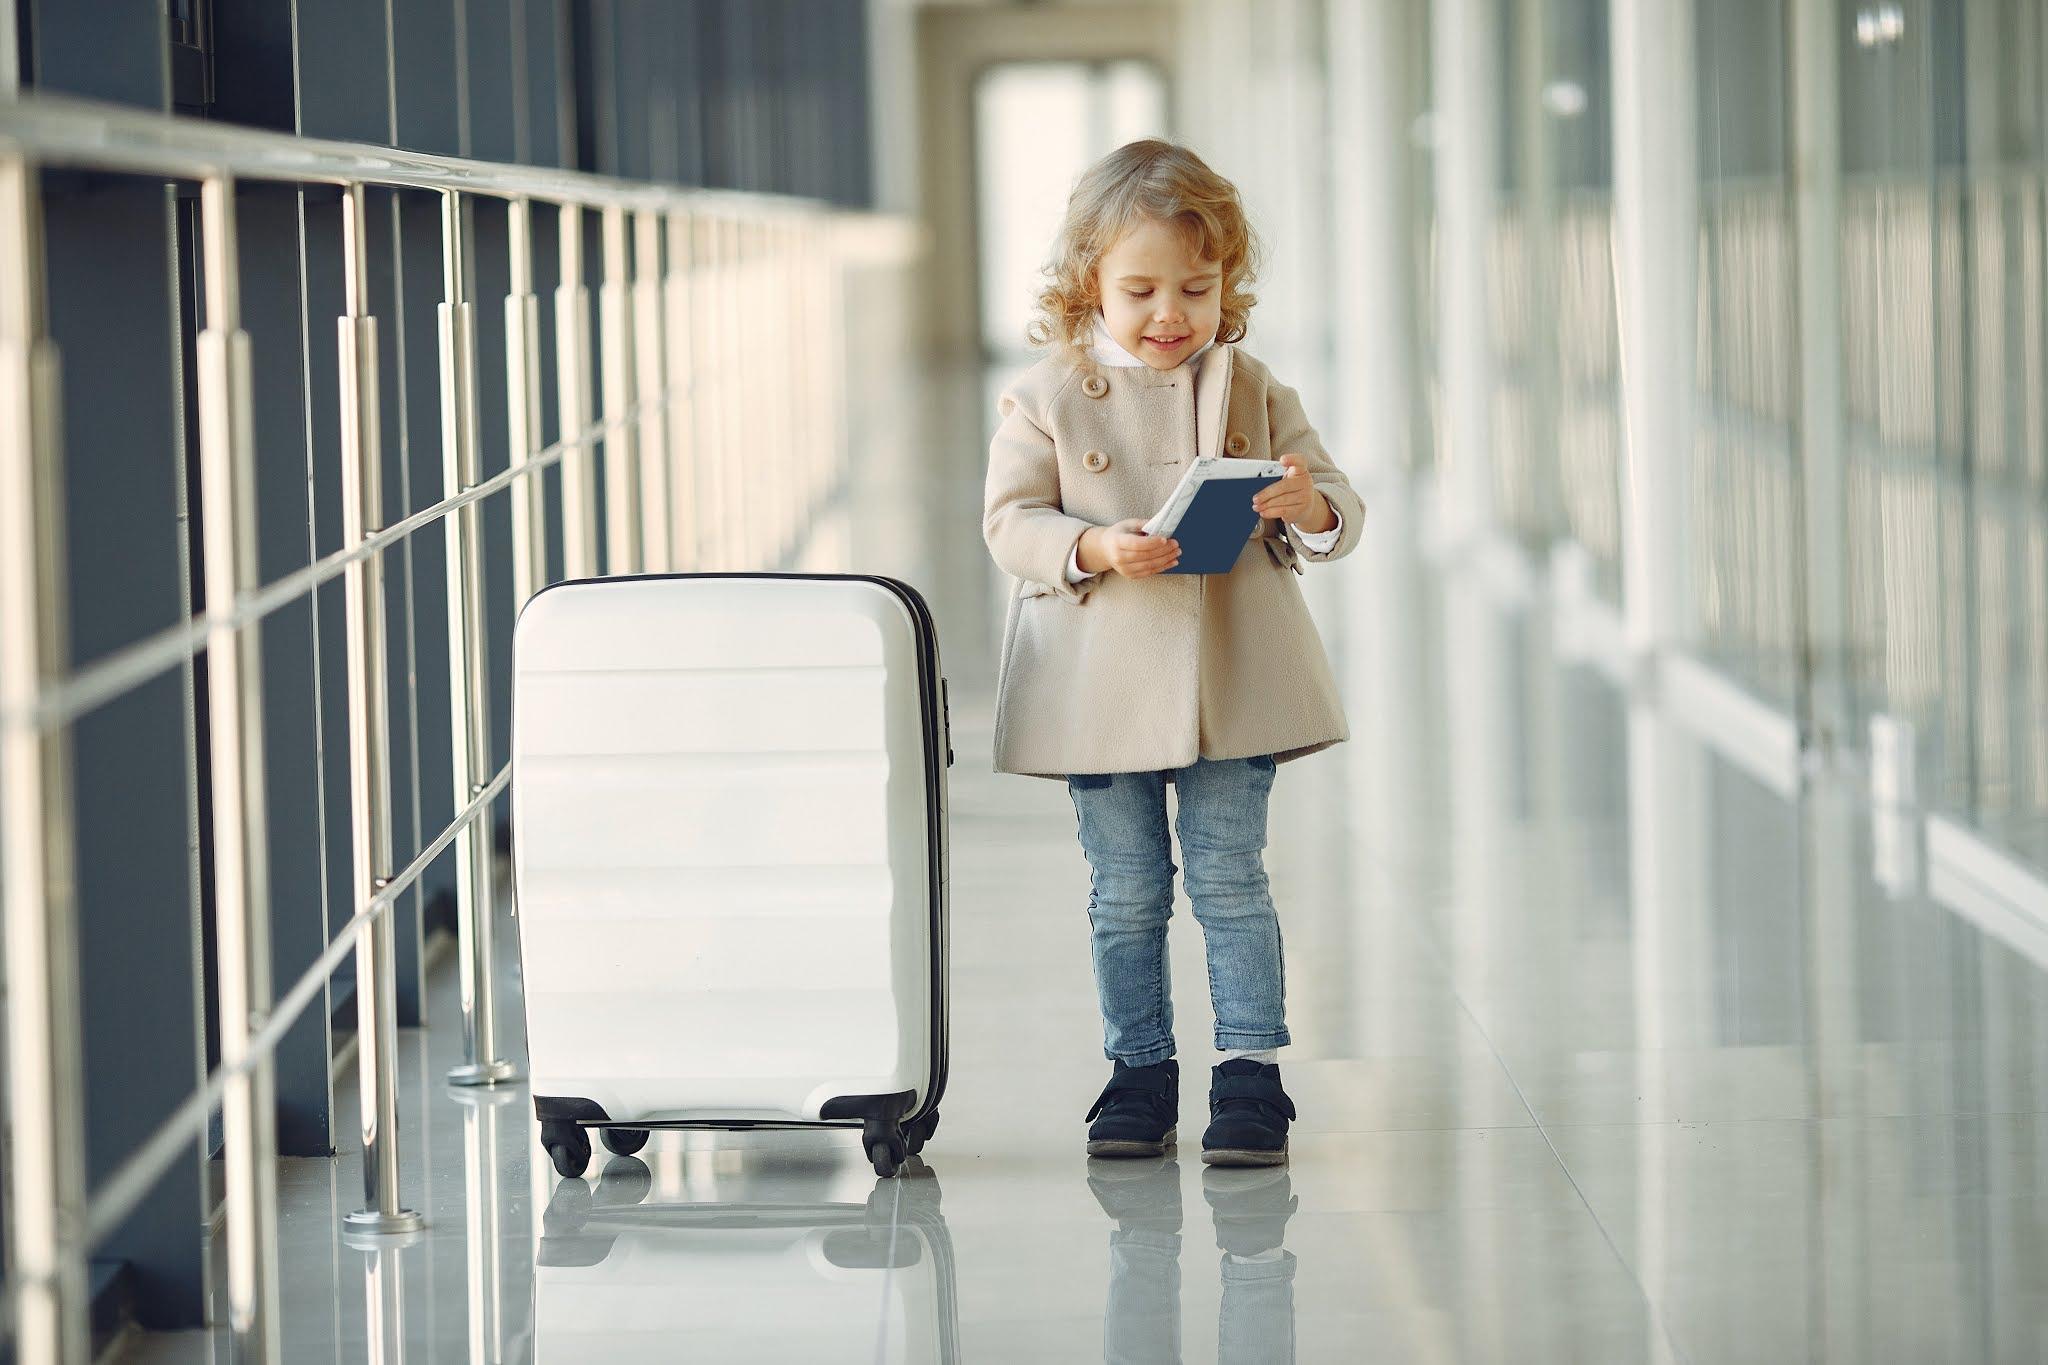 مطار airport الشارقة يعزز خدمات إنهاء إجراءات السفر ذاتياً